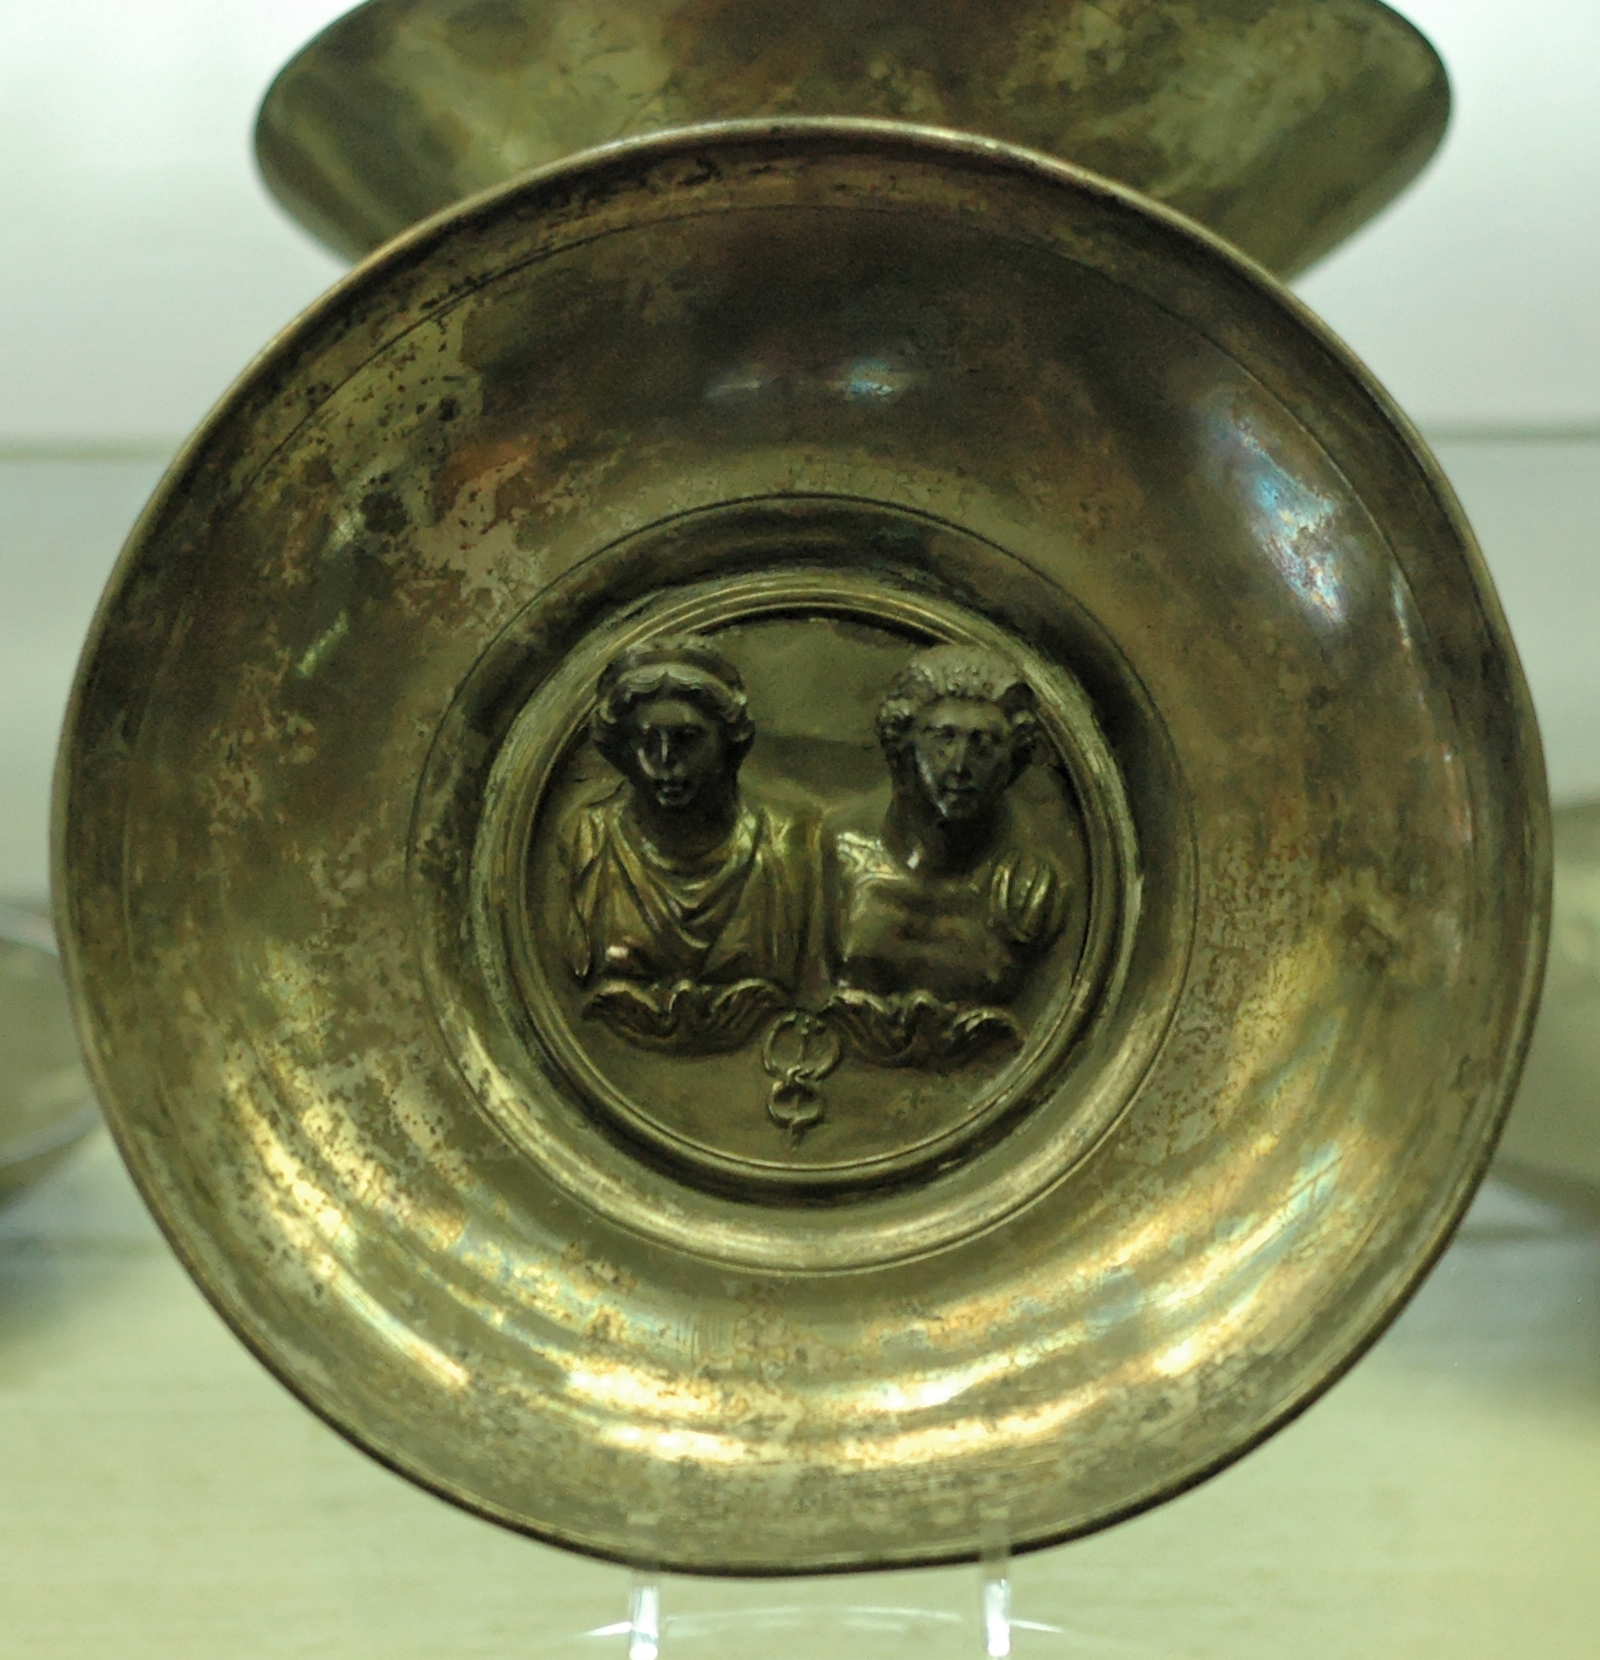 Maia und Merkur auf der Schale von Aelius Eutychus, von  Marie-Lan Nguyen, Public Domain